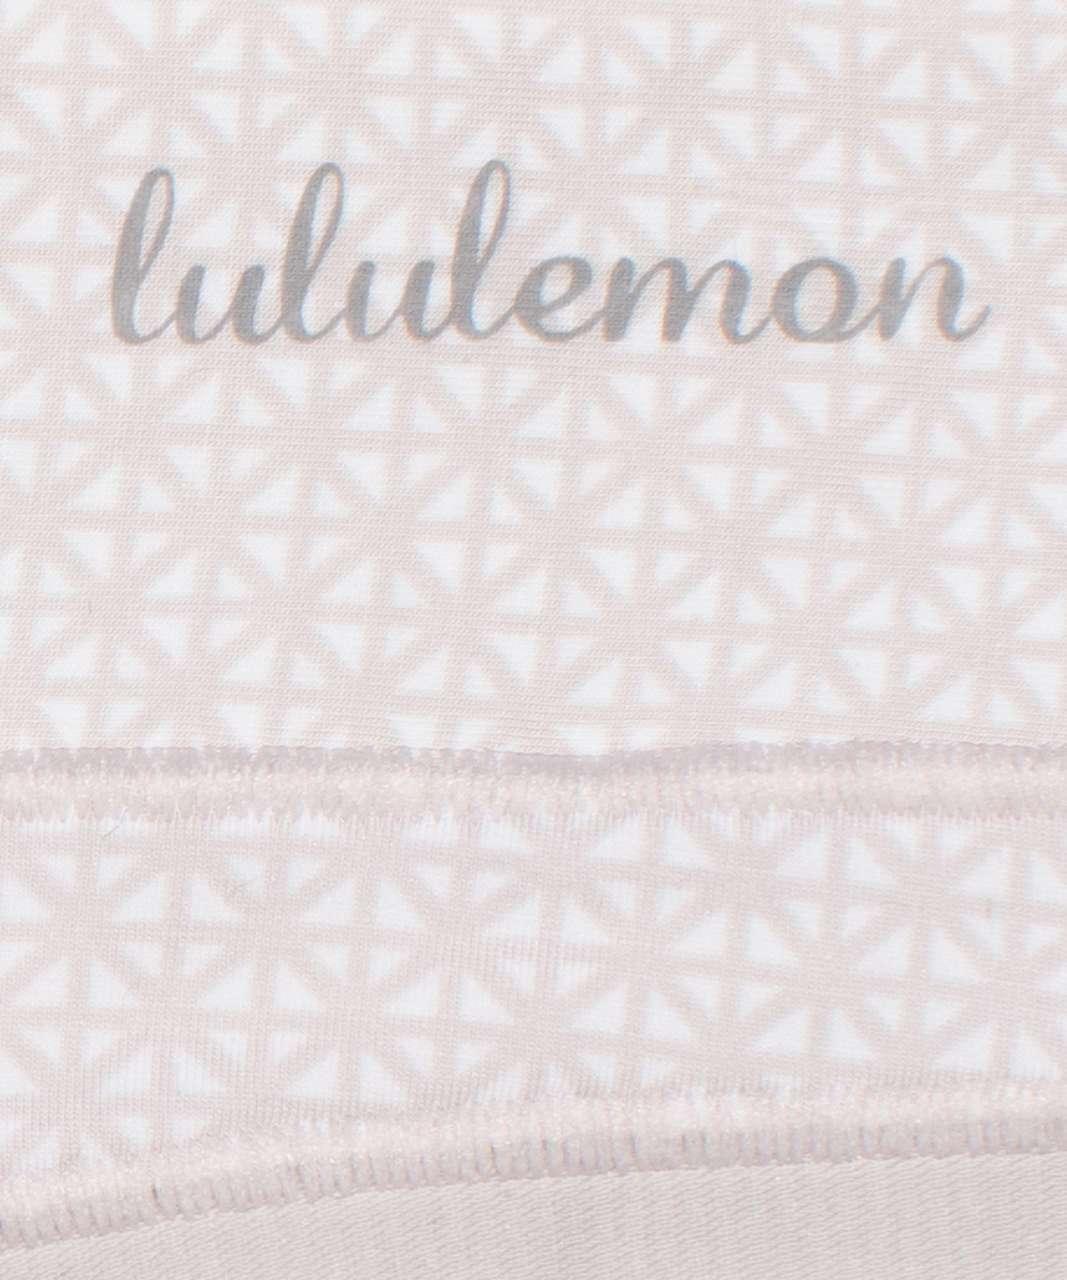 Lululemon Soft Breathable Thong *3 Pack - Black / Misty Shell / Lattice Work Mini White Chrome